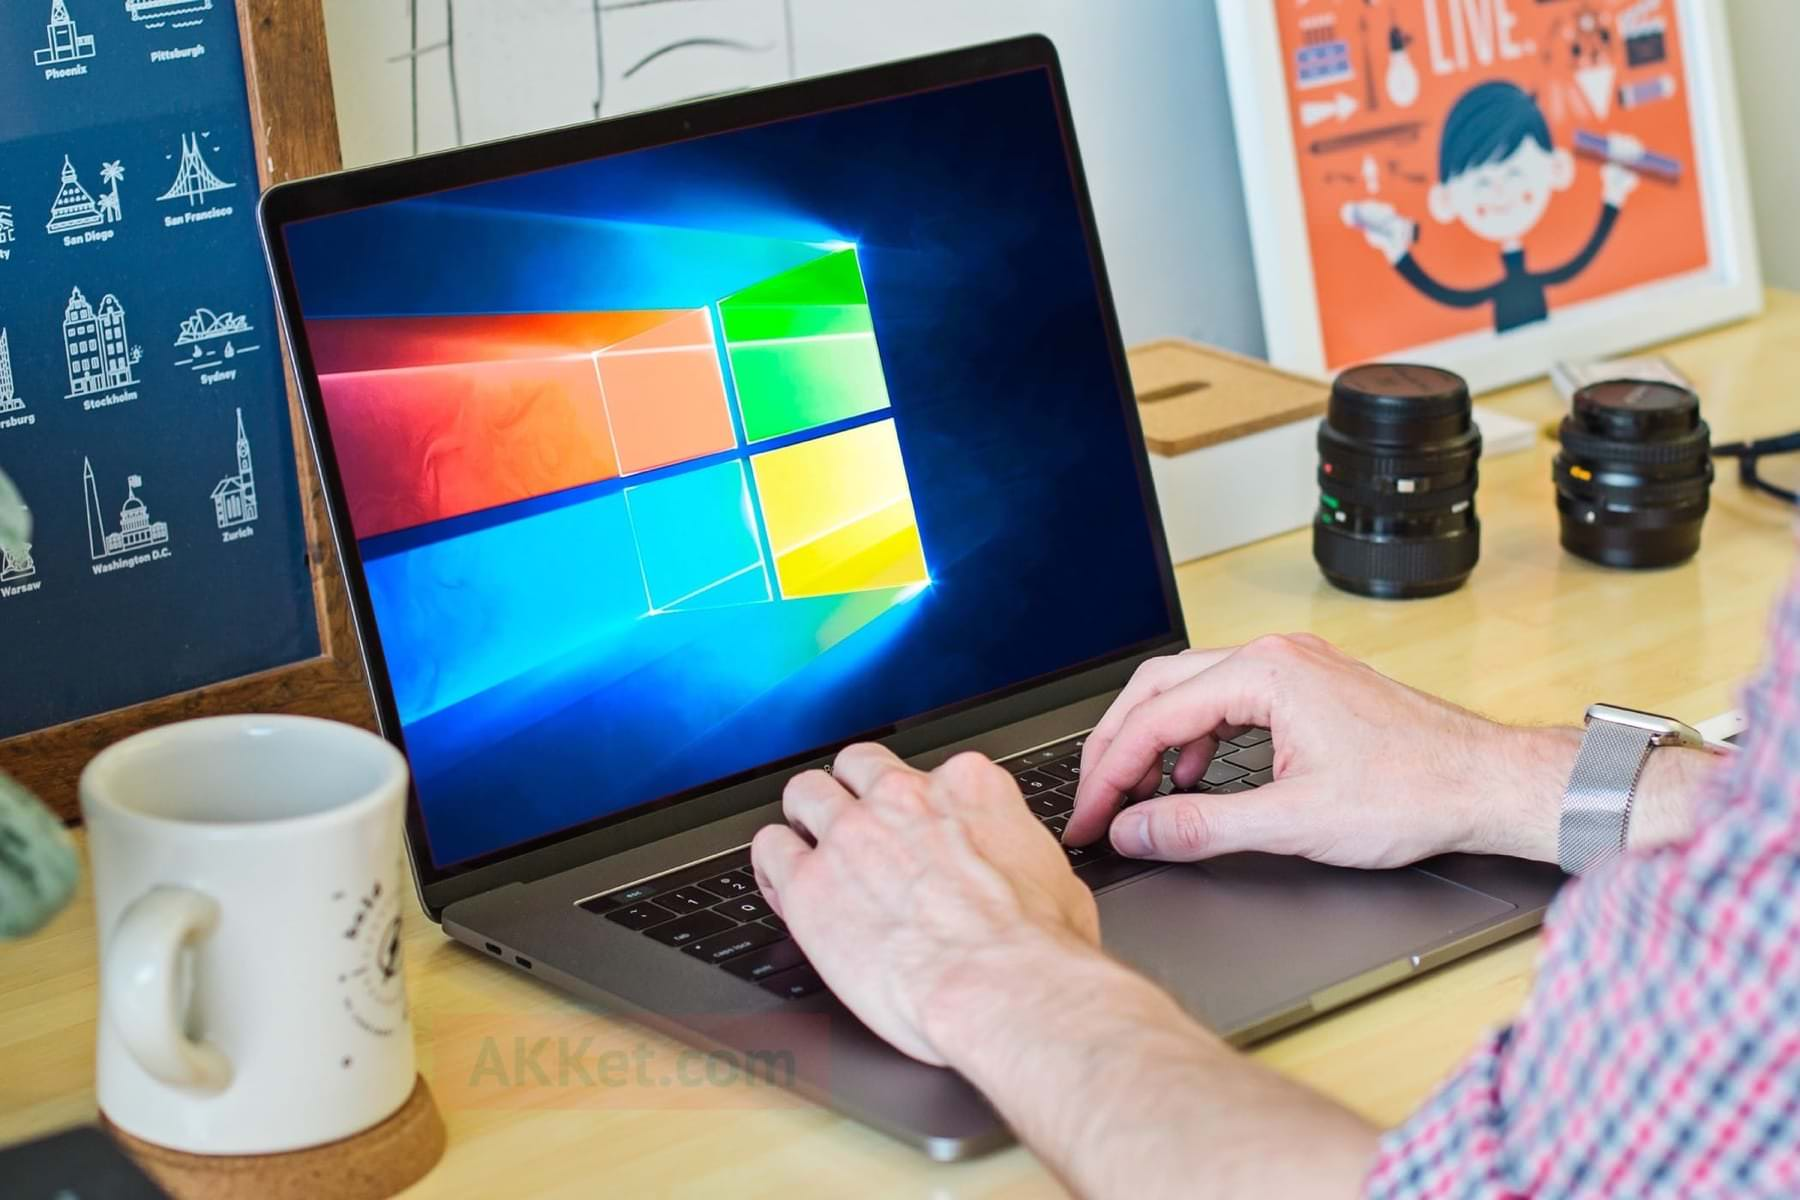 Новая операционная система намного лучше Windows 10